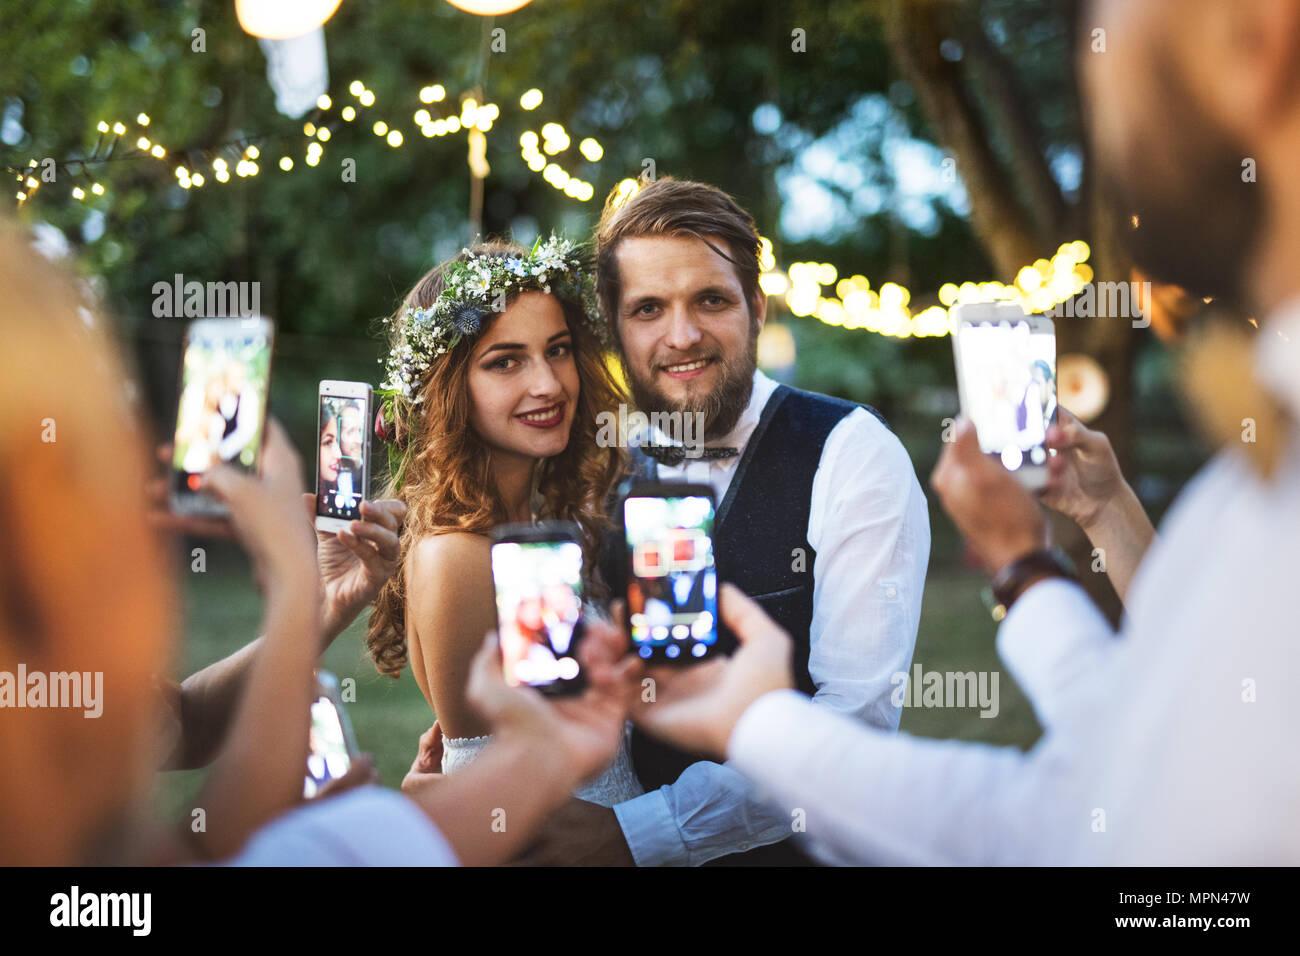 Los huéspedes con smartphones tomando fotos de la novia y el novio en la boda de fuera. Imagen De Stock